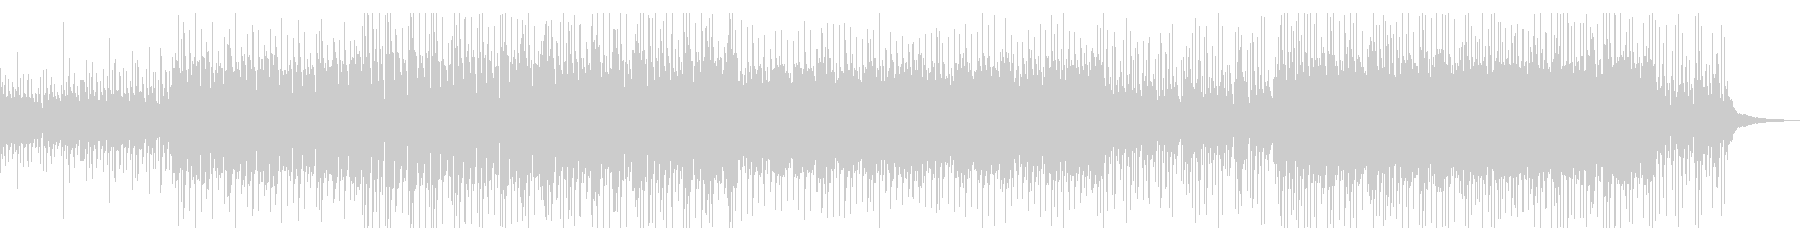 (SE控えめ)切ない系のトロピカルハウスの未再生の波形